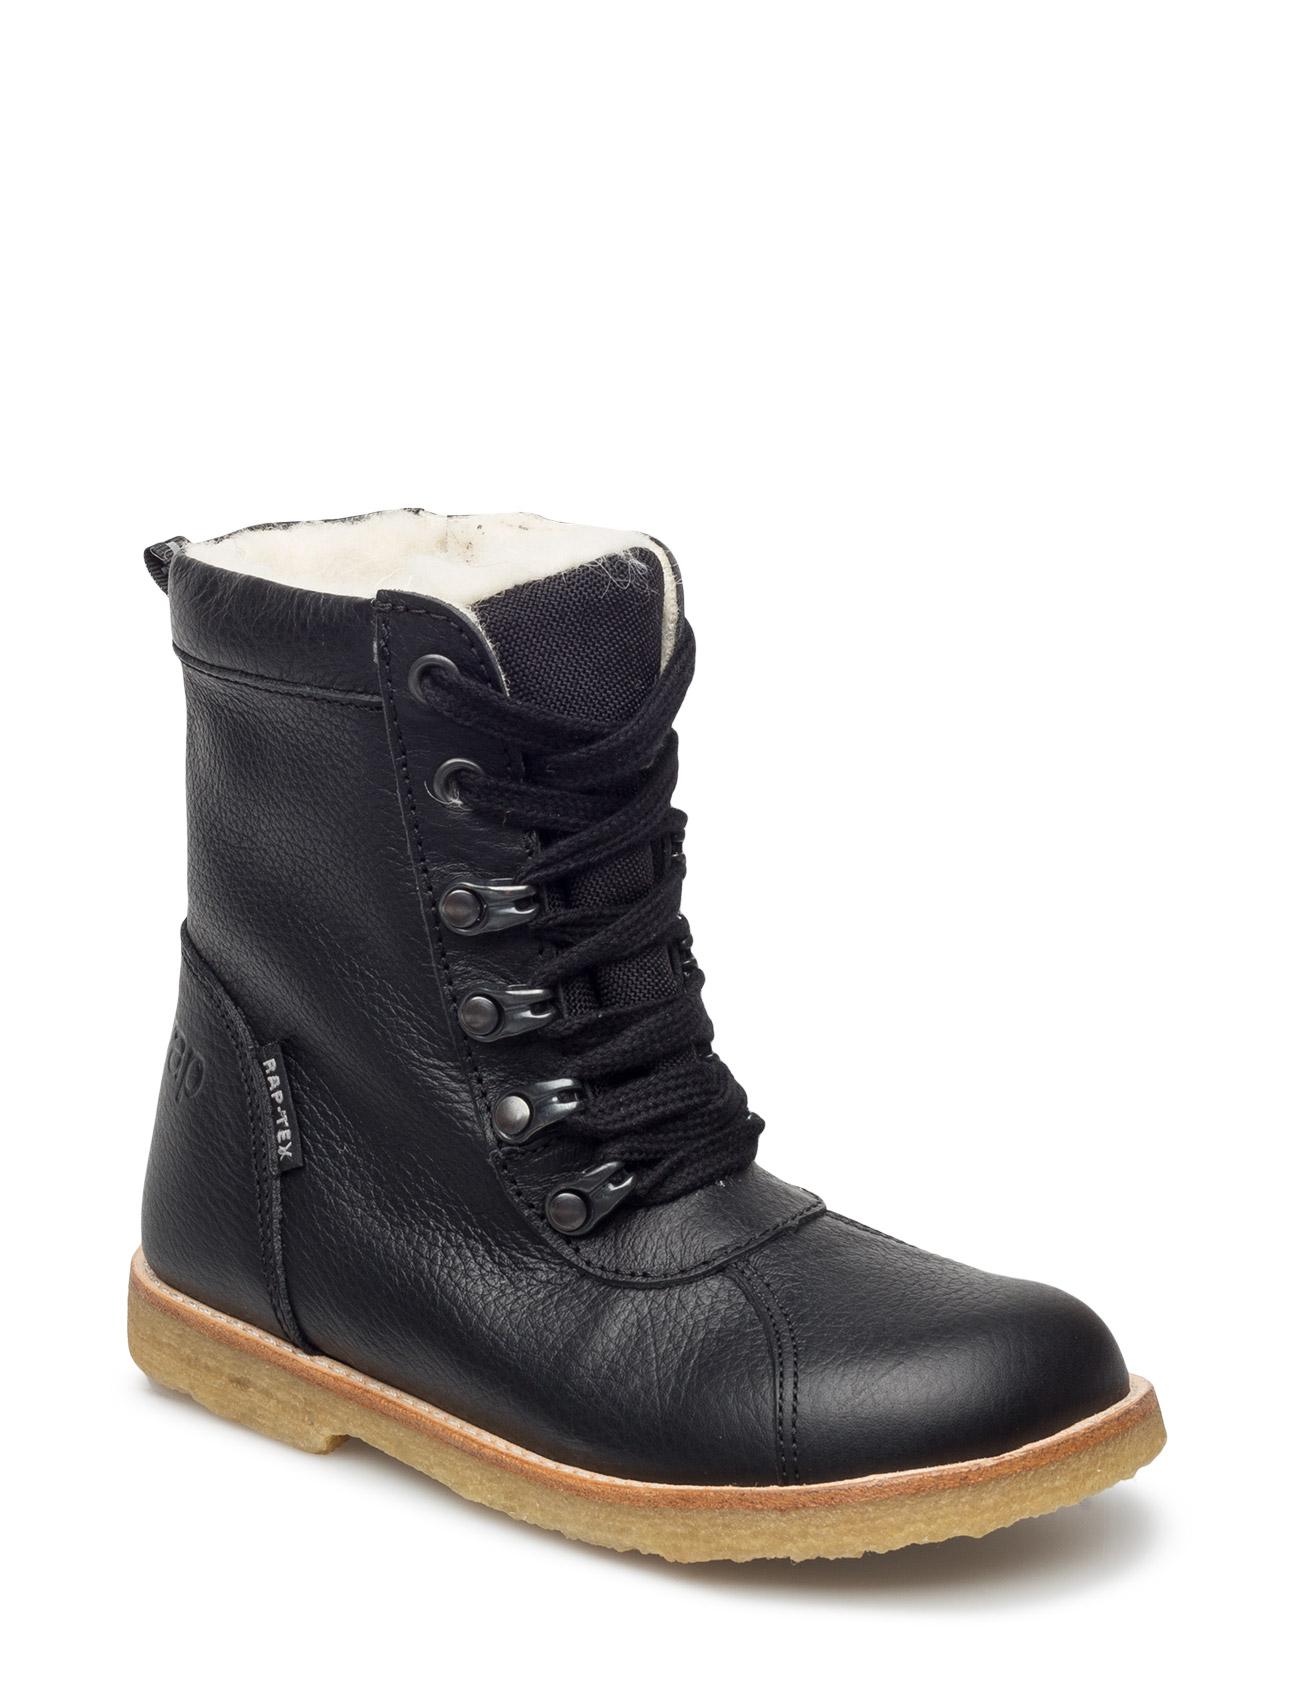 c6cf11cfecf1 Find Ecological Water Proof Low Boot Arauto RAP Støvler i Sort til Børn fra  Boozt